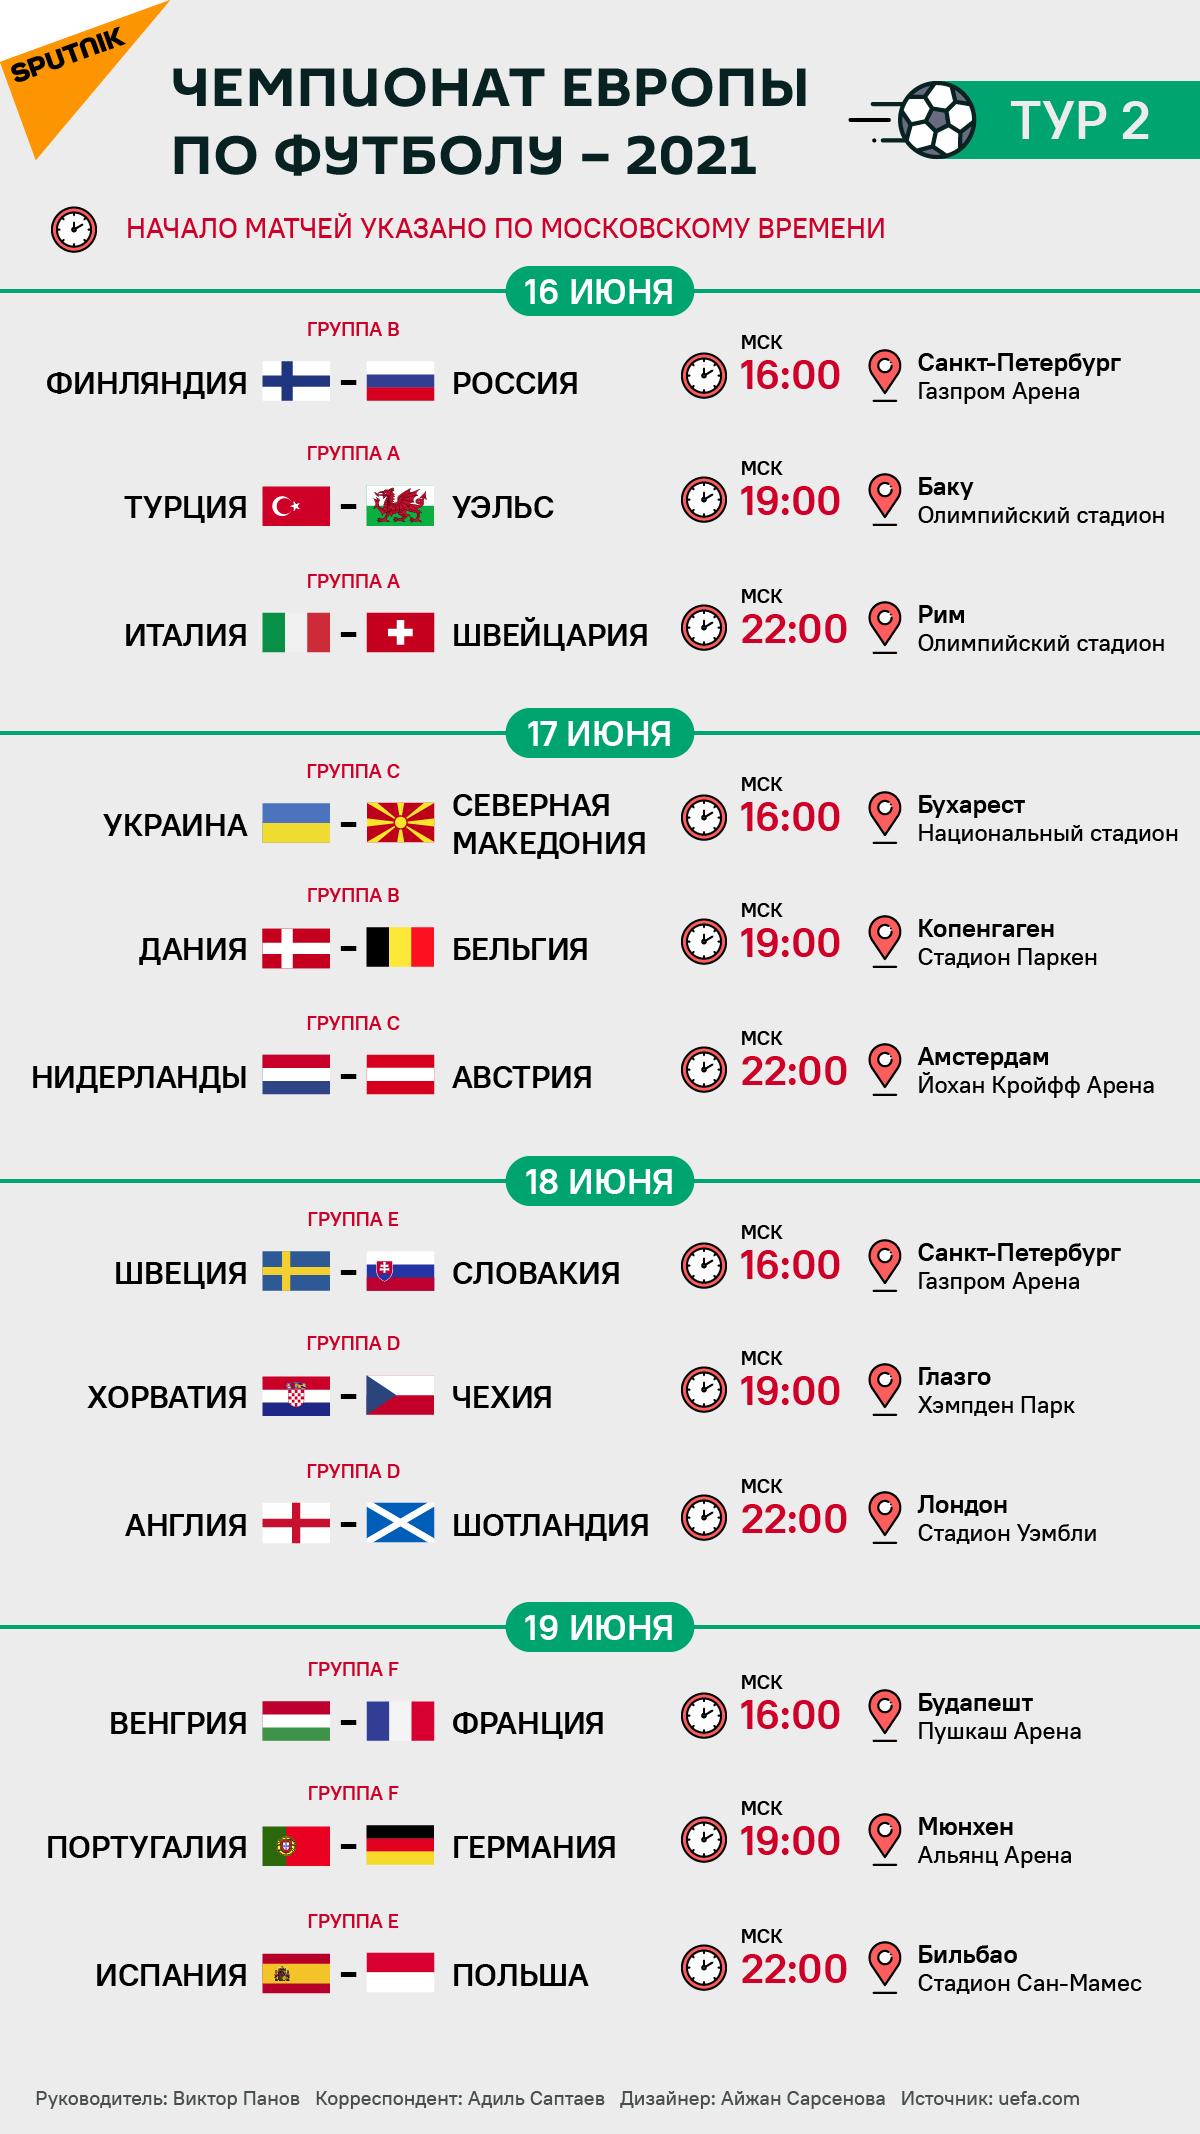 Расписание второго тура Евро 2020 / 2021